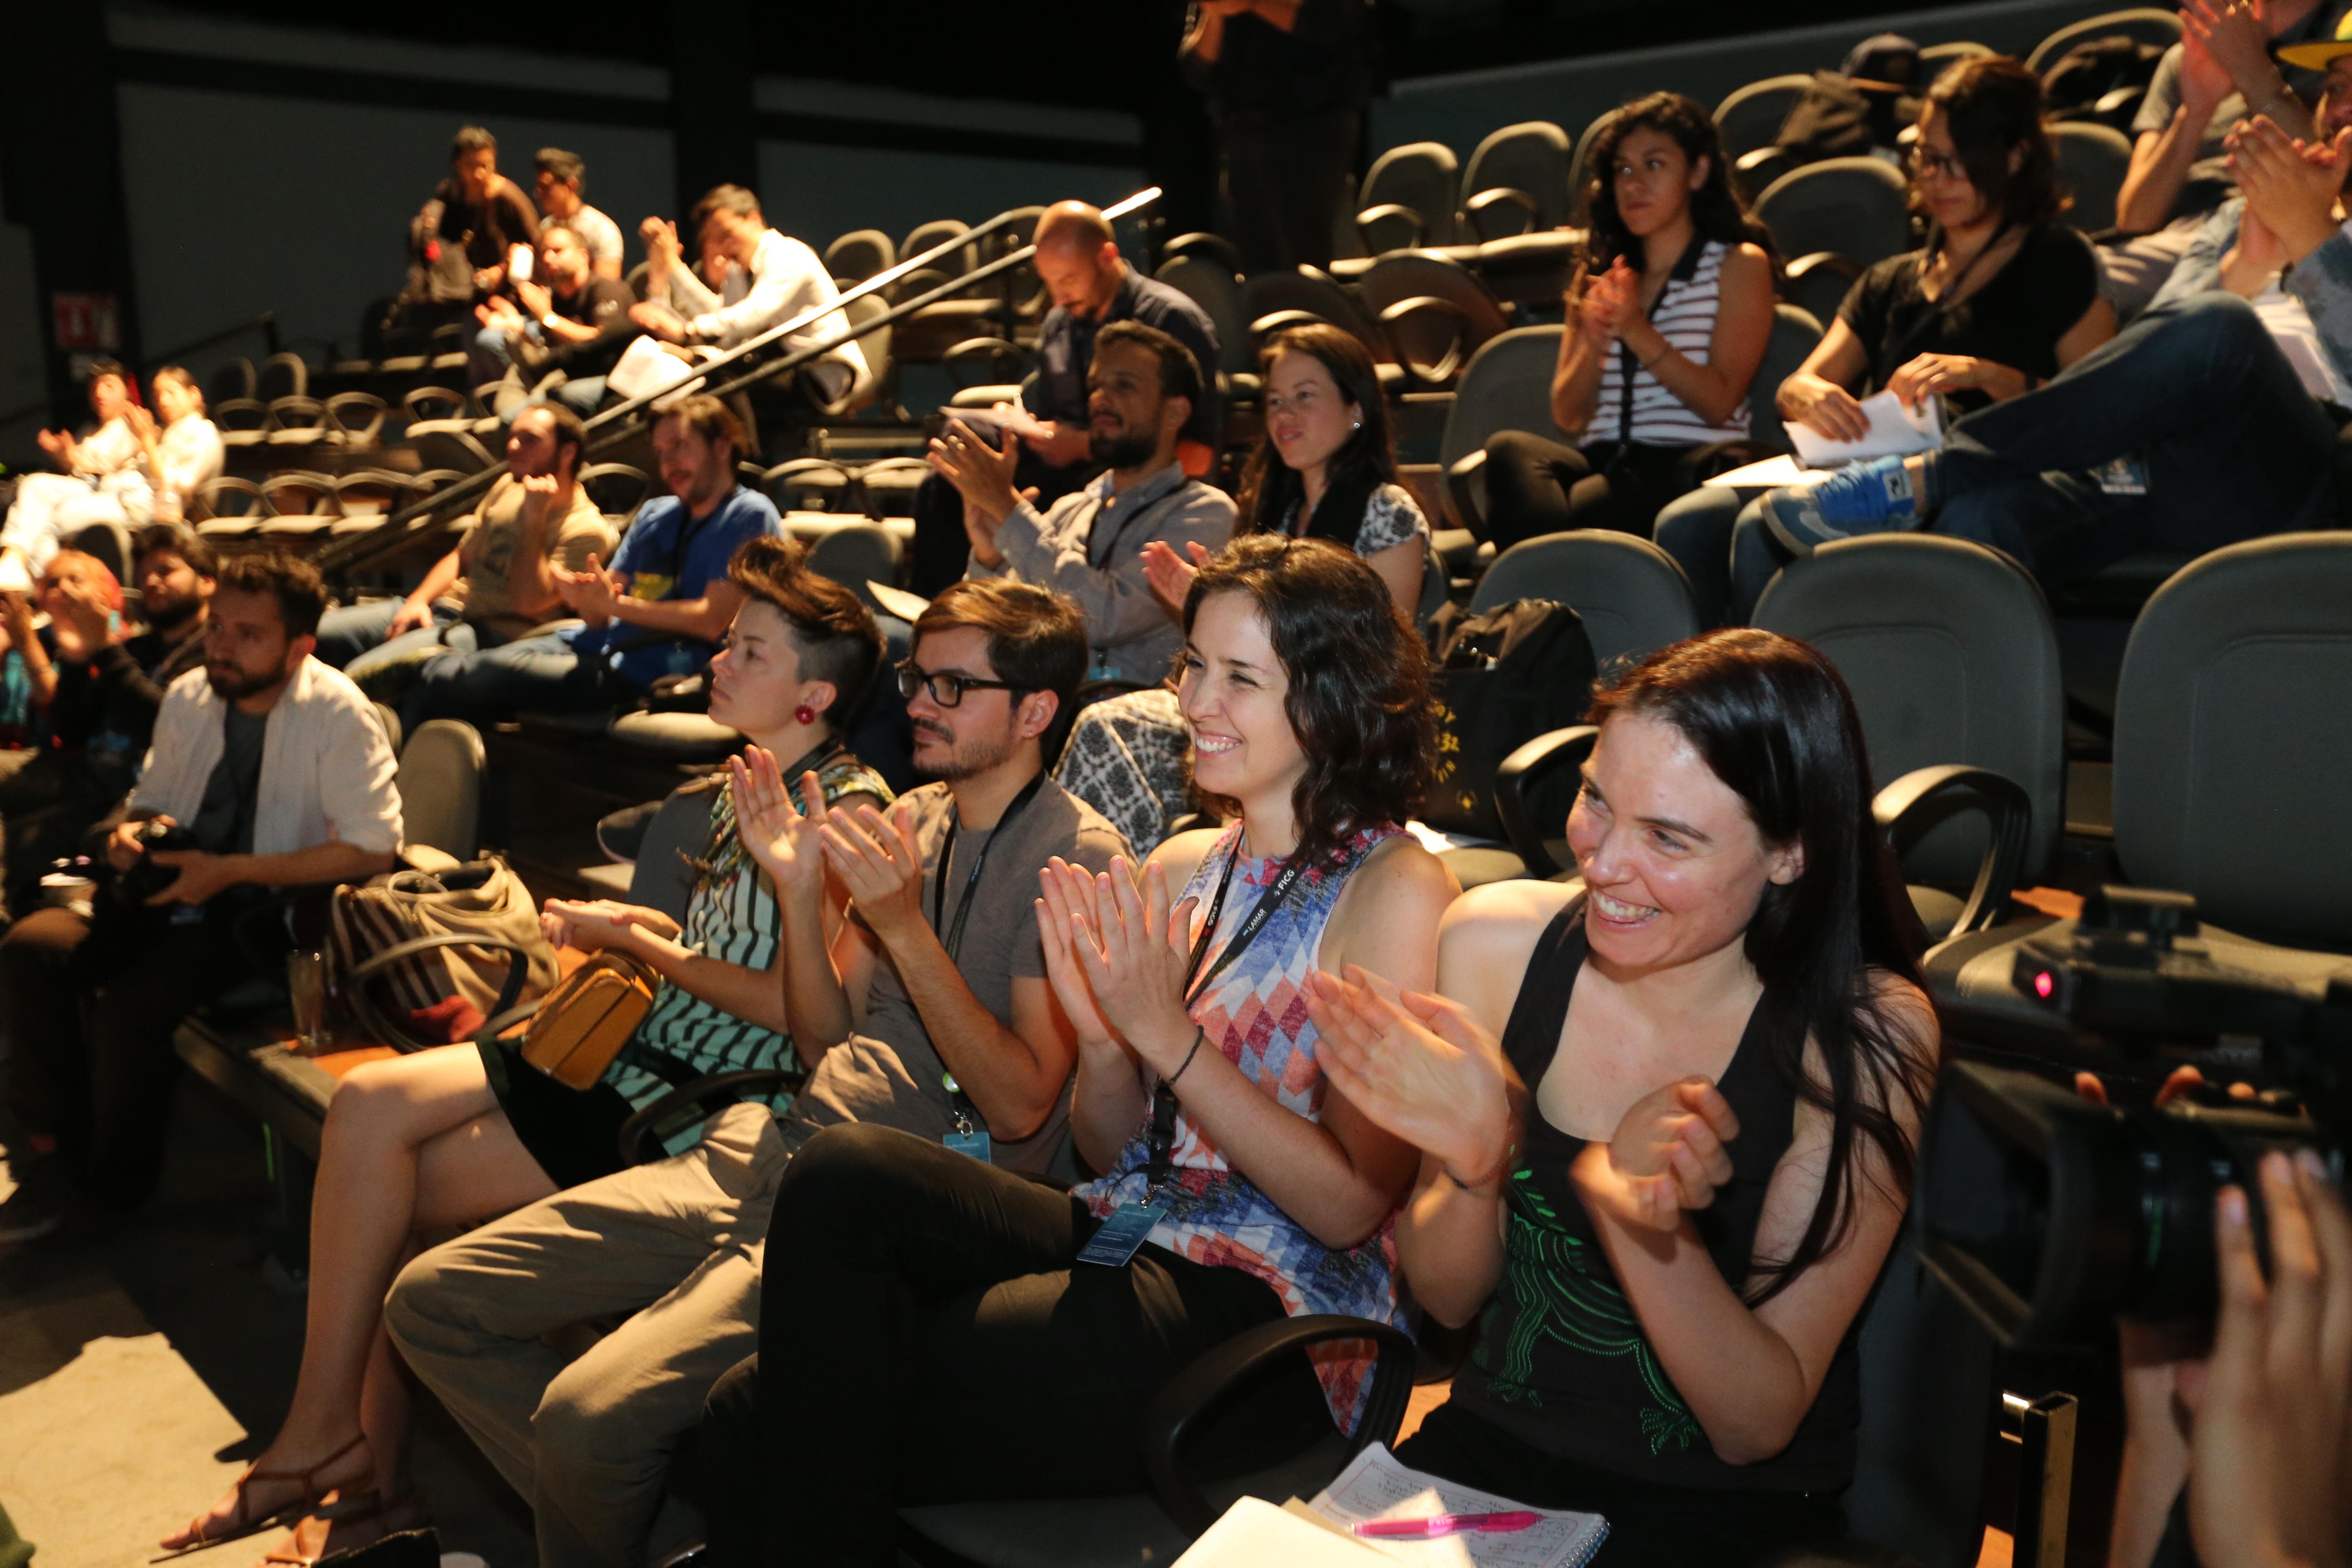 Vista panorámica del público asistente, aplaudiendo durante la clausura del evento.